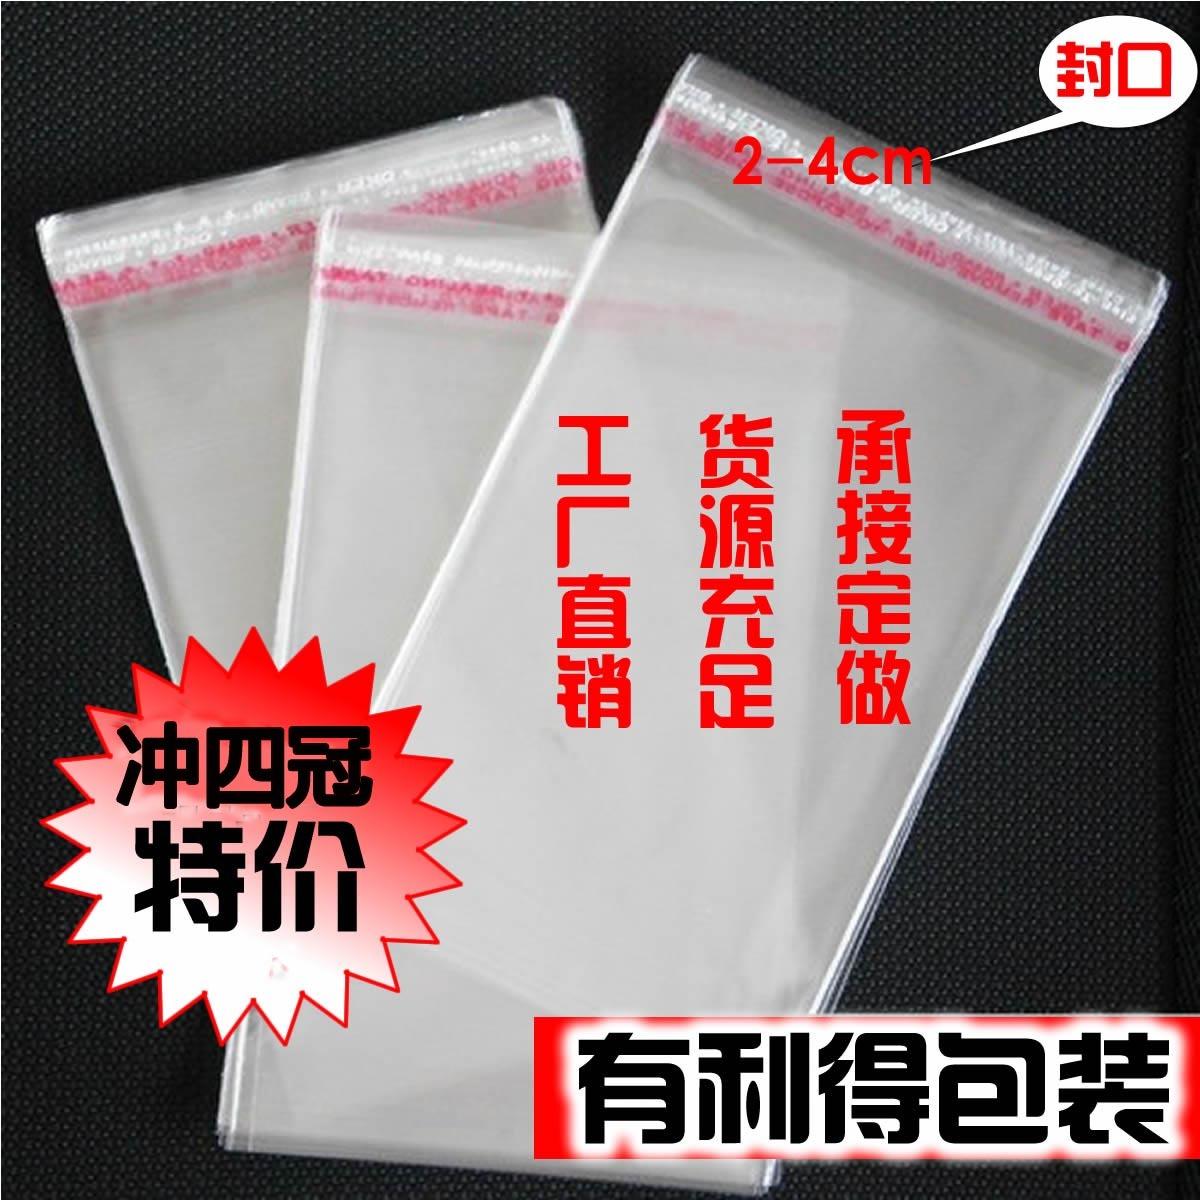 Самоклеющиеся пакеты Бросился пять Корона-5/self самоклеющиеся мешок/OPP сумку самоуправления клей сумки/пластиковые сумки Оптовая 32 * 40 (100)